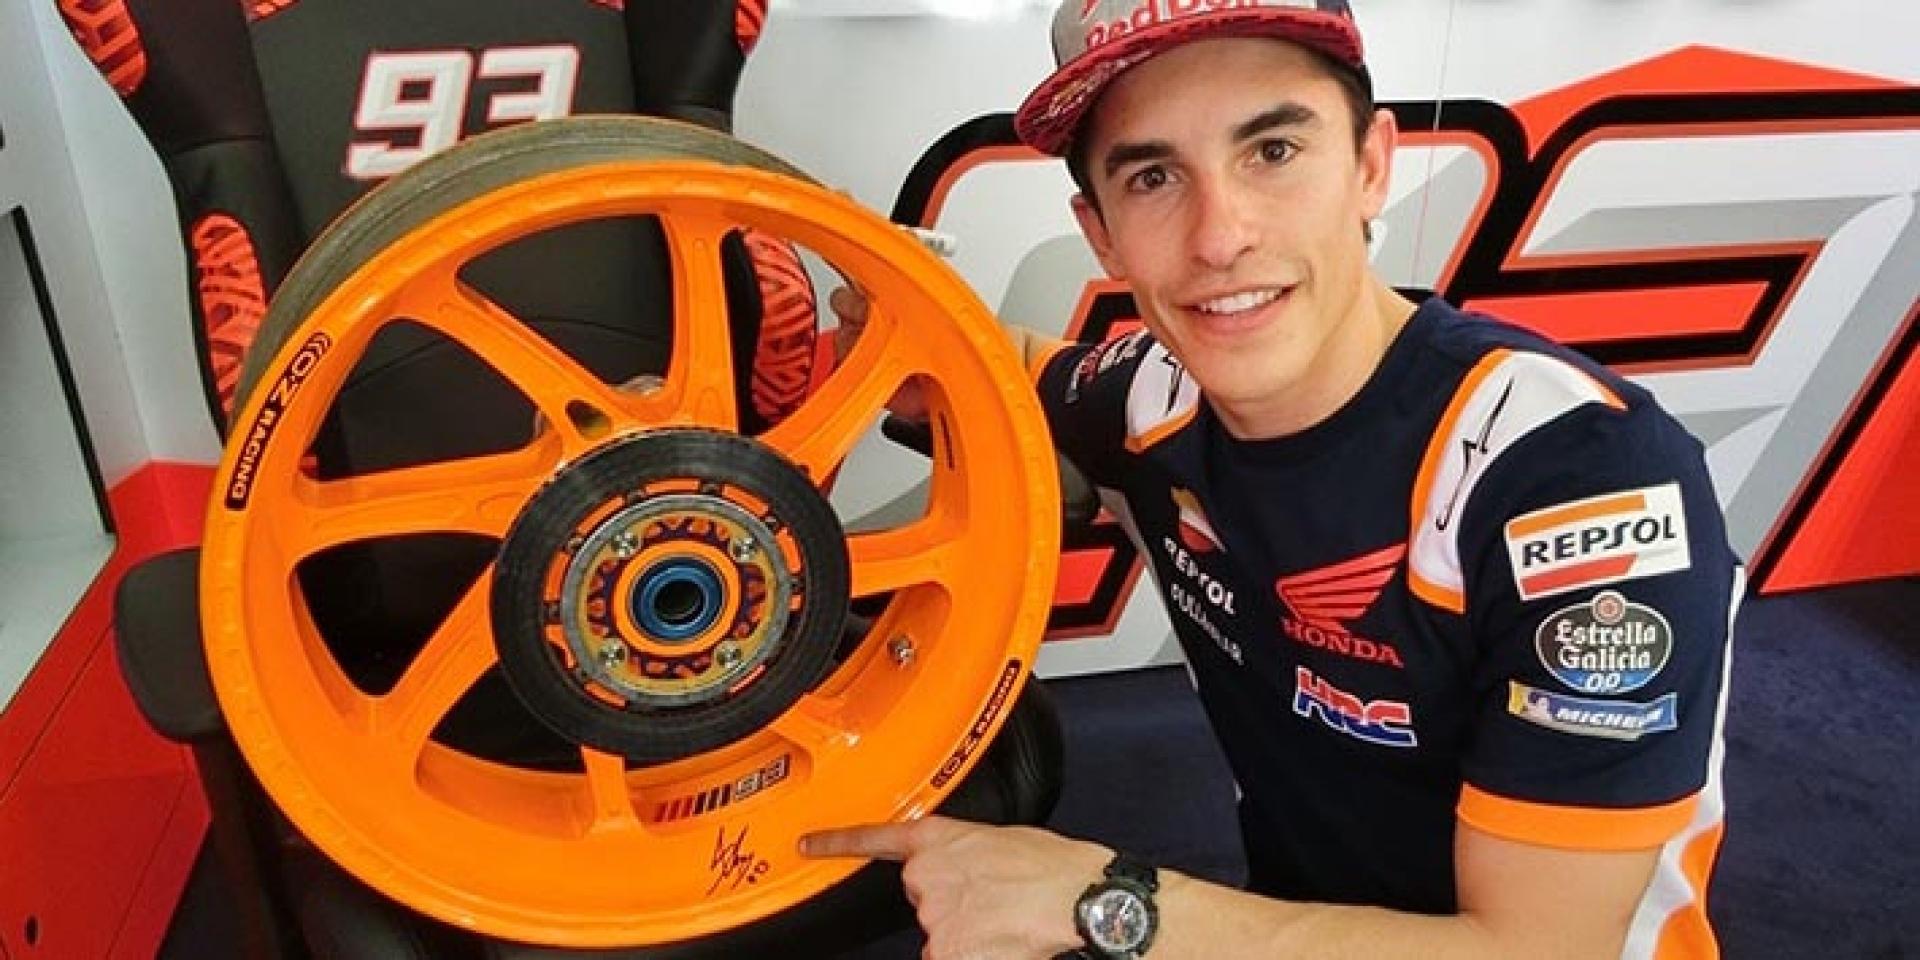 Marc Marquez用過的輪框 真香!HONDA 2020 HRC parts collection又賣輪框